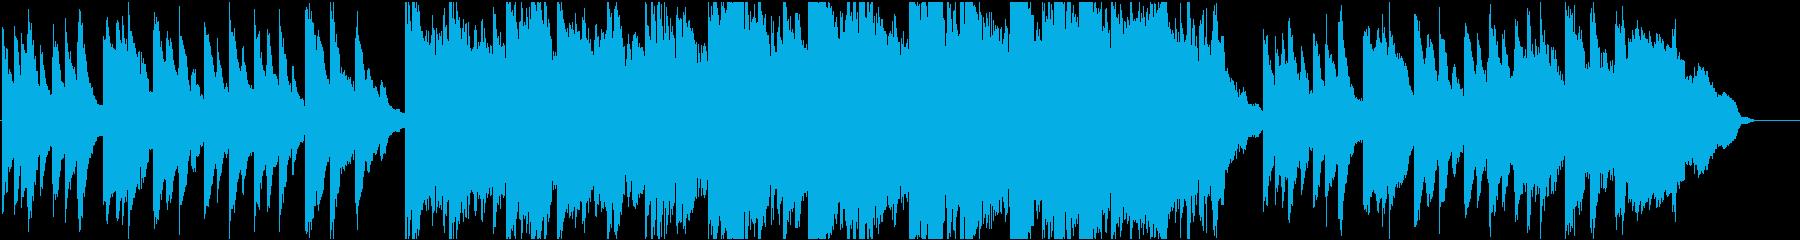 ドラマ4 24bit44.1kHzVerの再生済みの波形